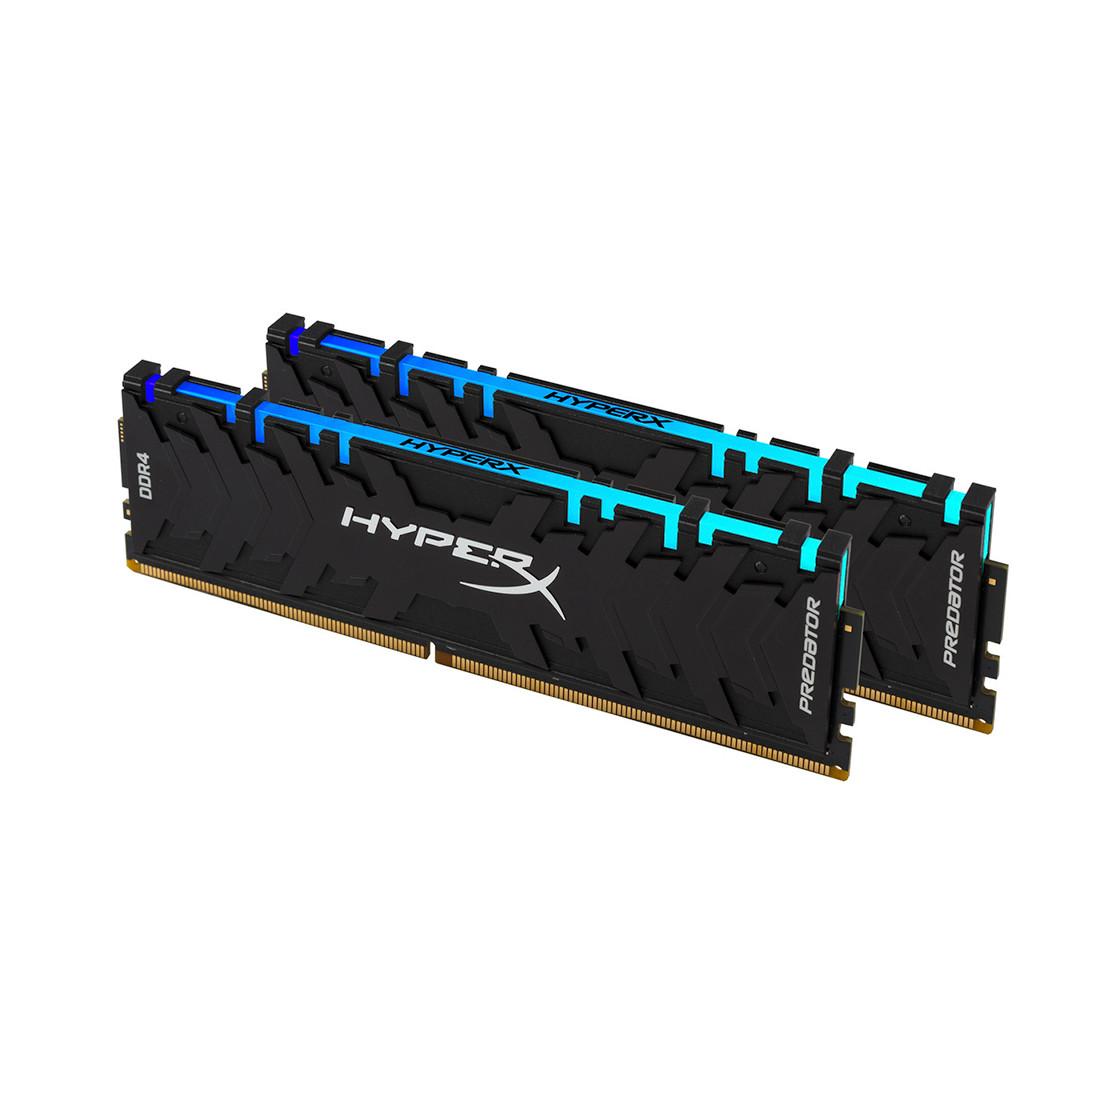 Комплект модулей памяти Kingston HyperX Predator RGB HX432C16PB3AK2/32 (DDR4, 2x16GB, DIMM)